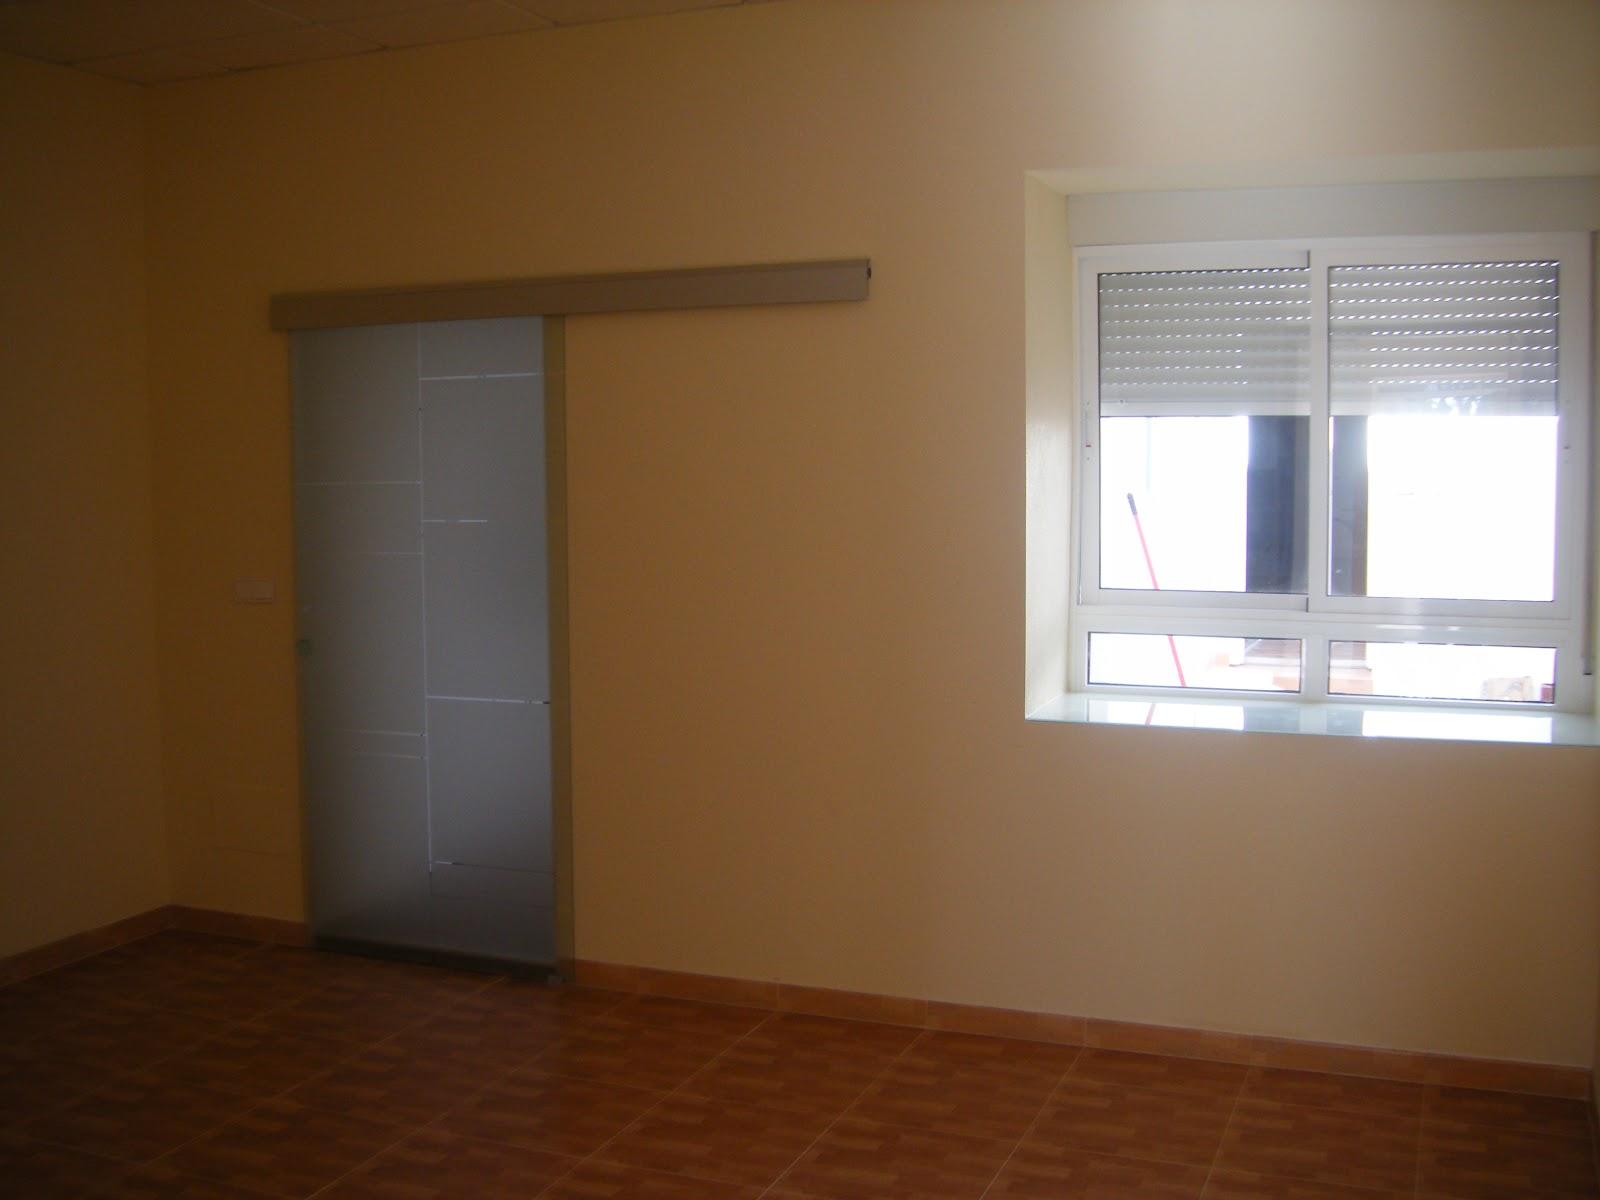 Maringlass aluminio vidrio correderas de vidrio a todo color - Puerta vidrio corredera ...